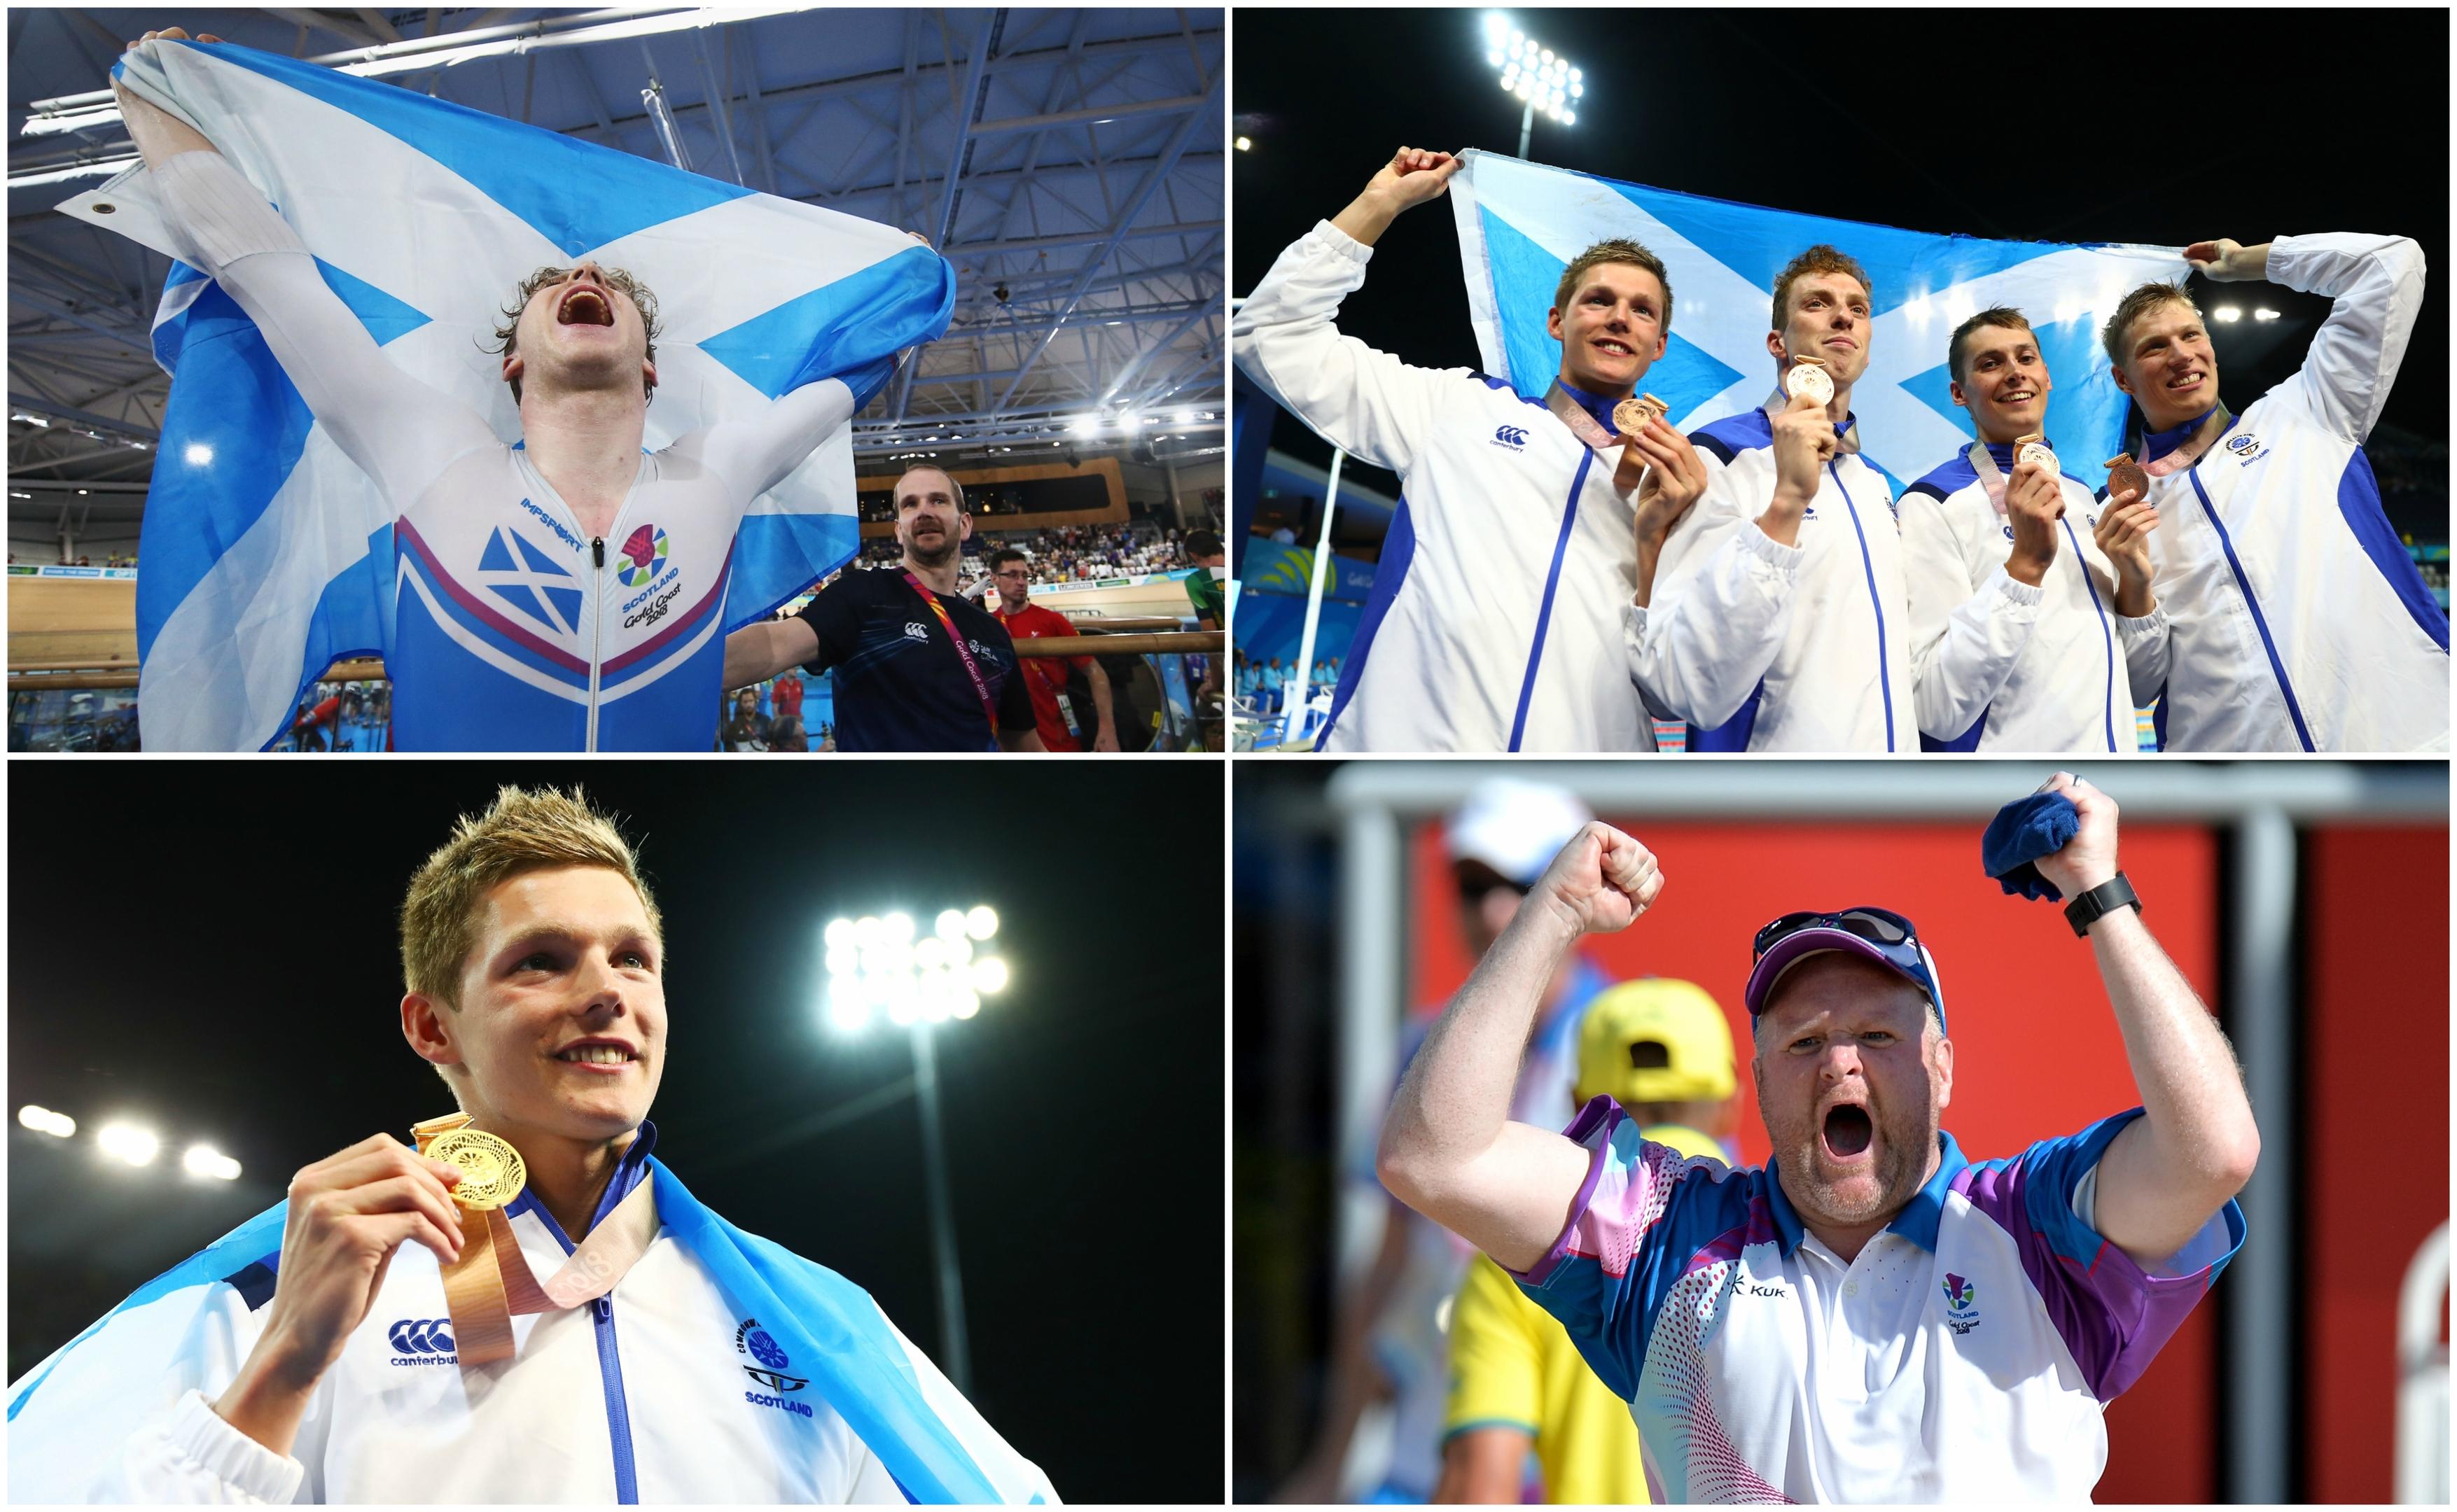 mark Stewart, Suncan Scott, Mark Szaranek, Stephen Milne and Darren Burnett all earned medals for Team Scotland on Sunday.